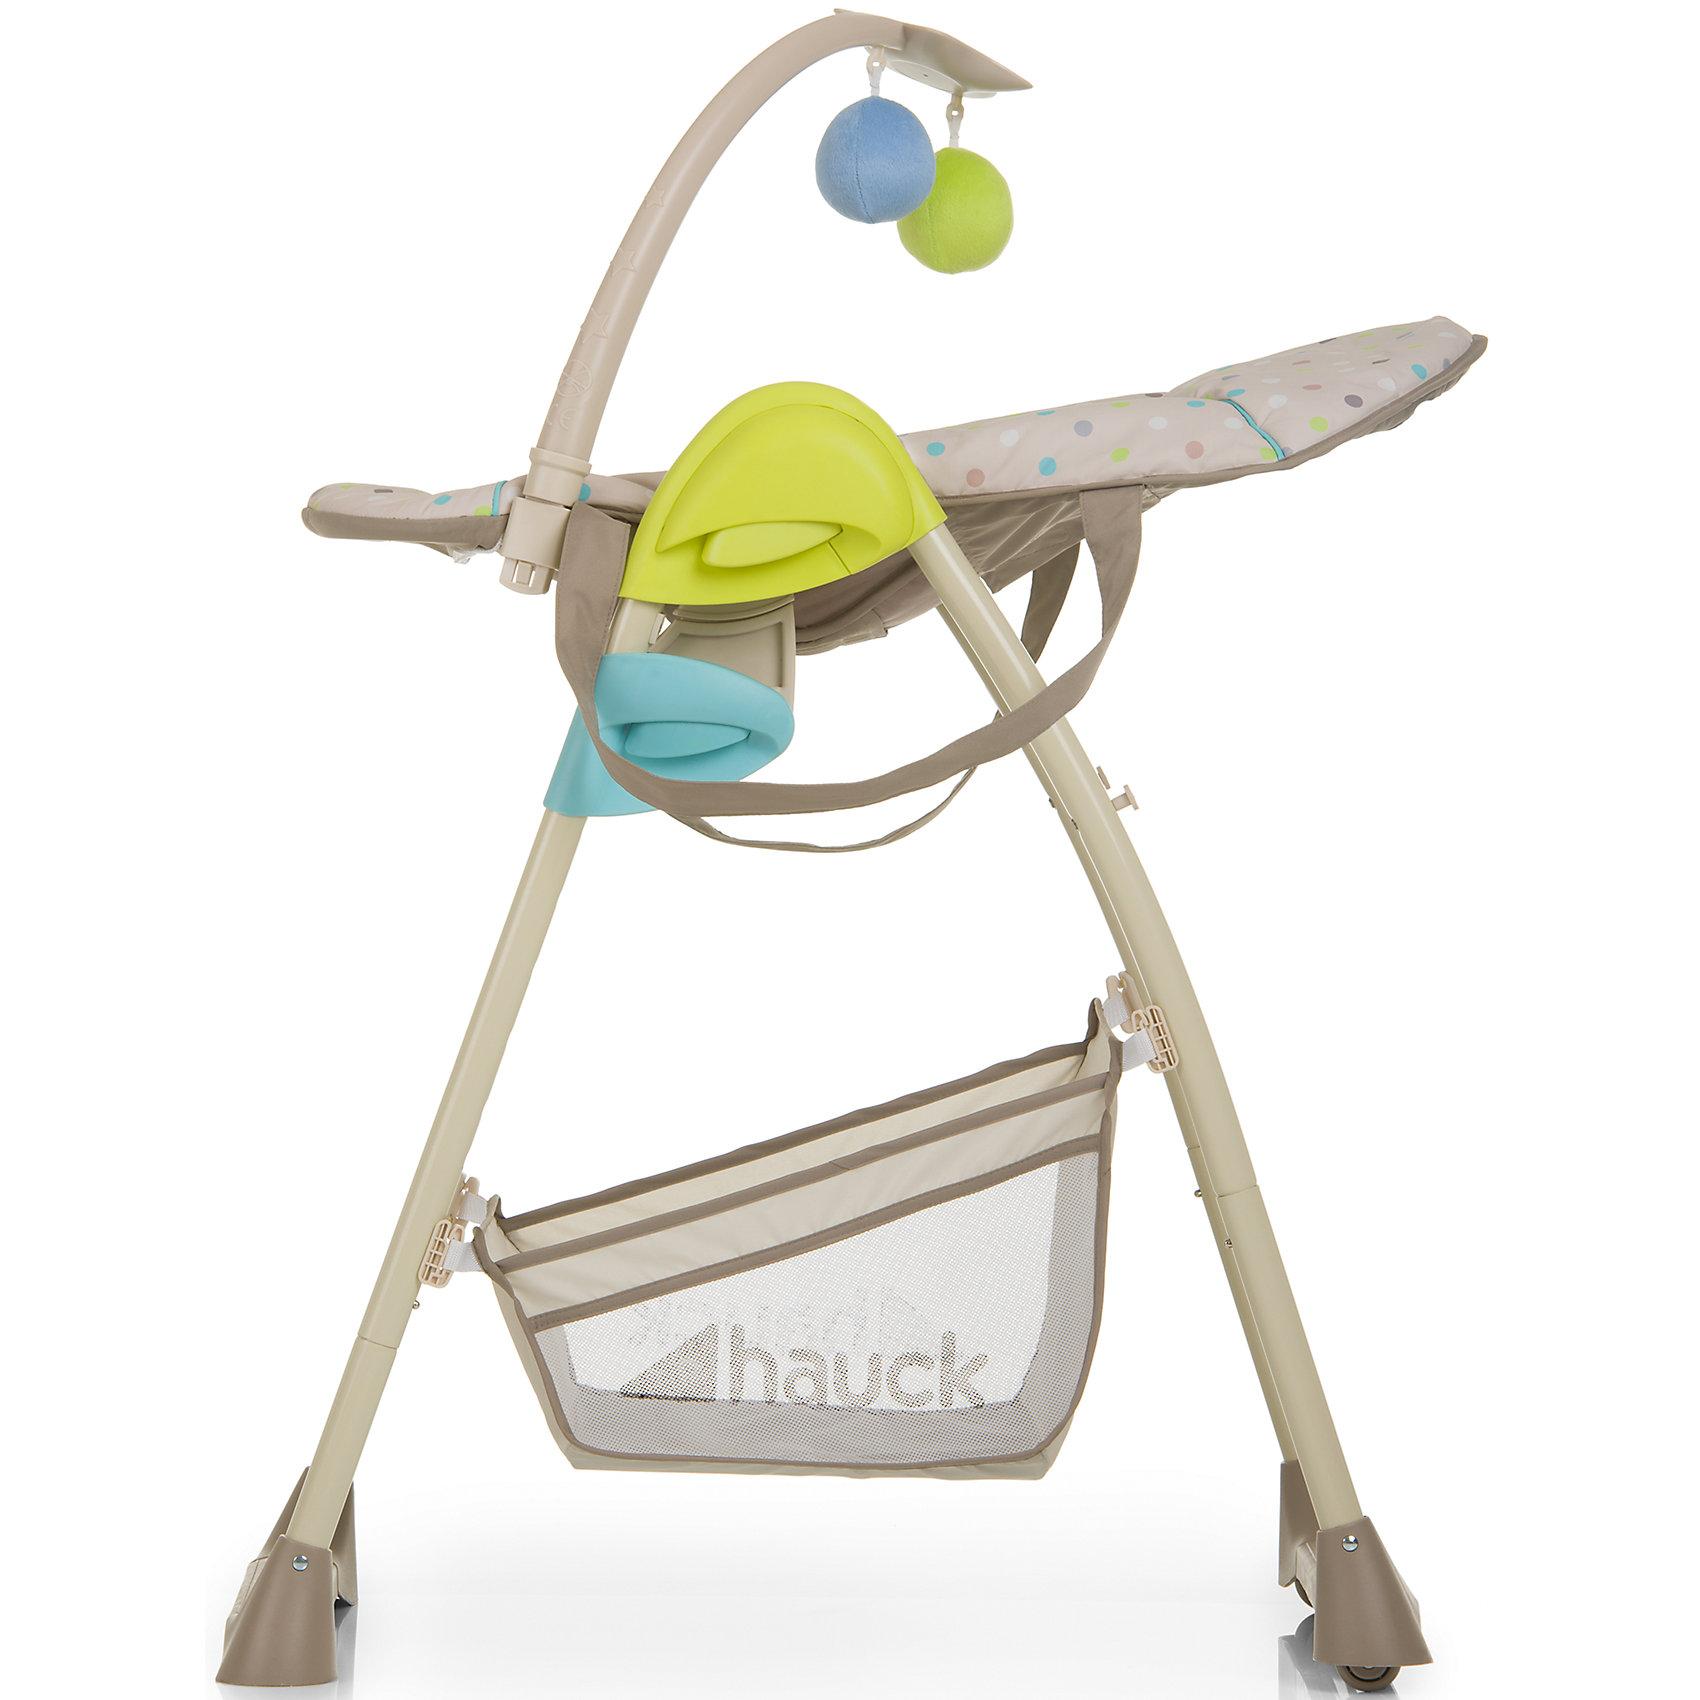 hochstuhl hauck sit 39 n relax multi punkte sand g nstig kaufen ebay. Black Bedroom Furniture Sets. Home Design Ideas